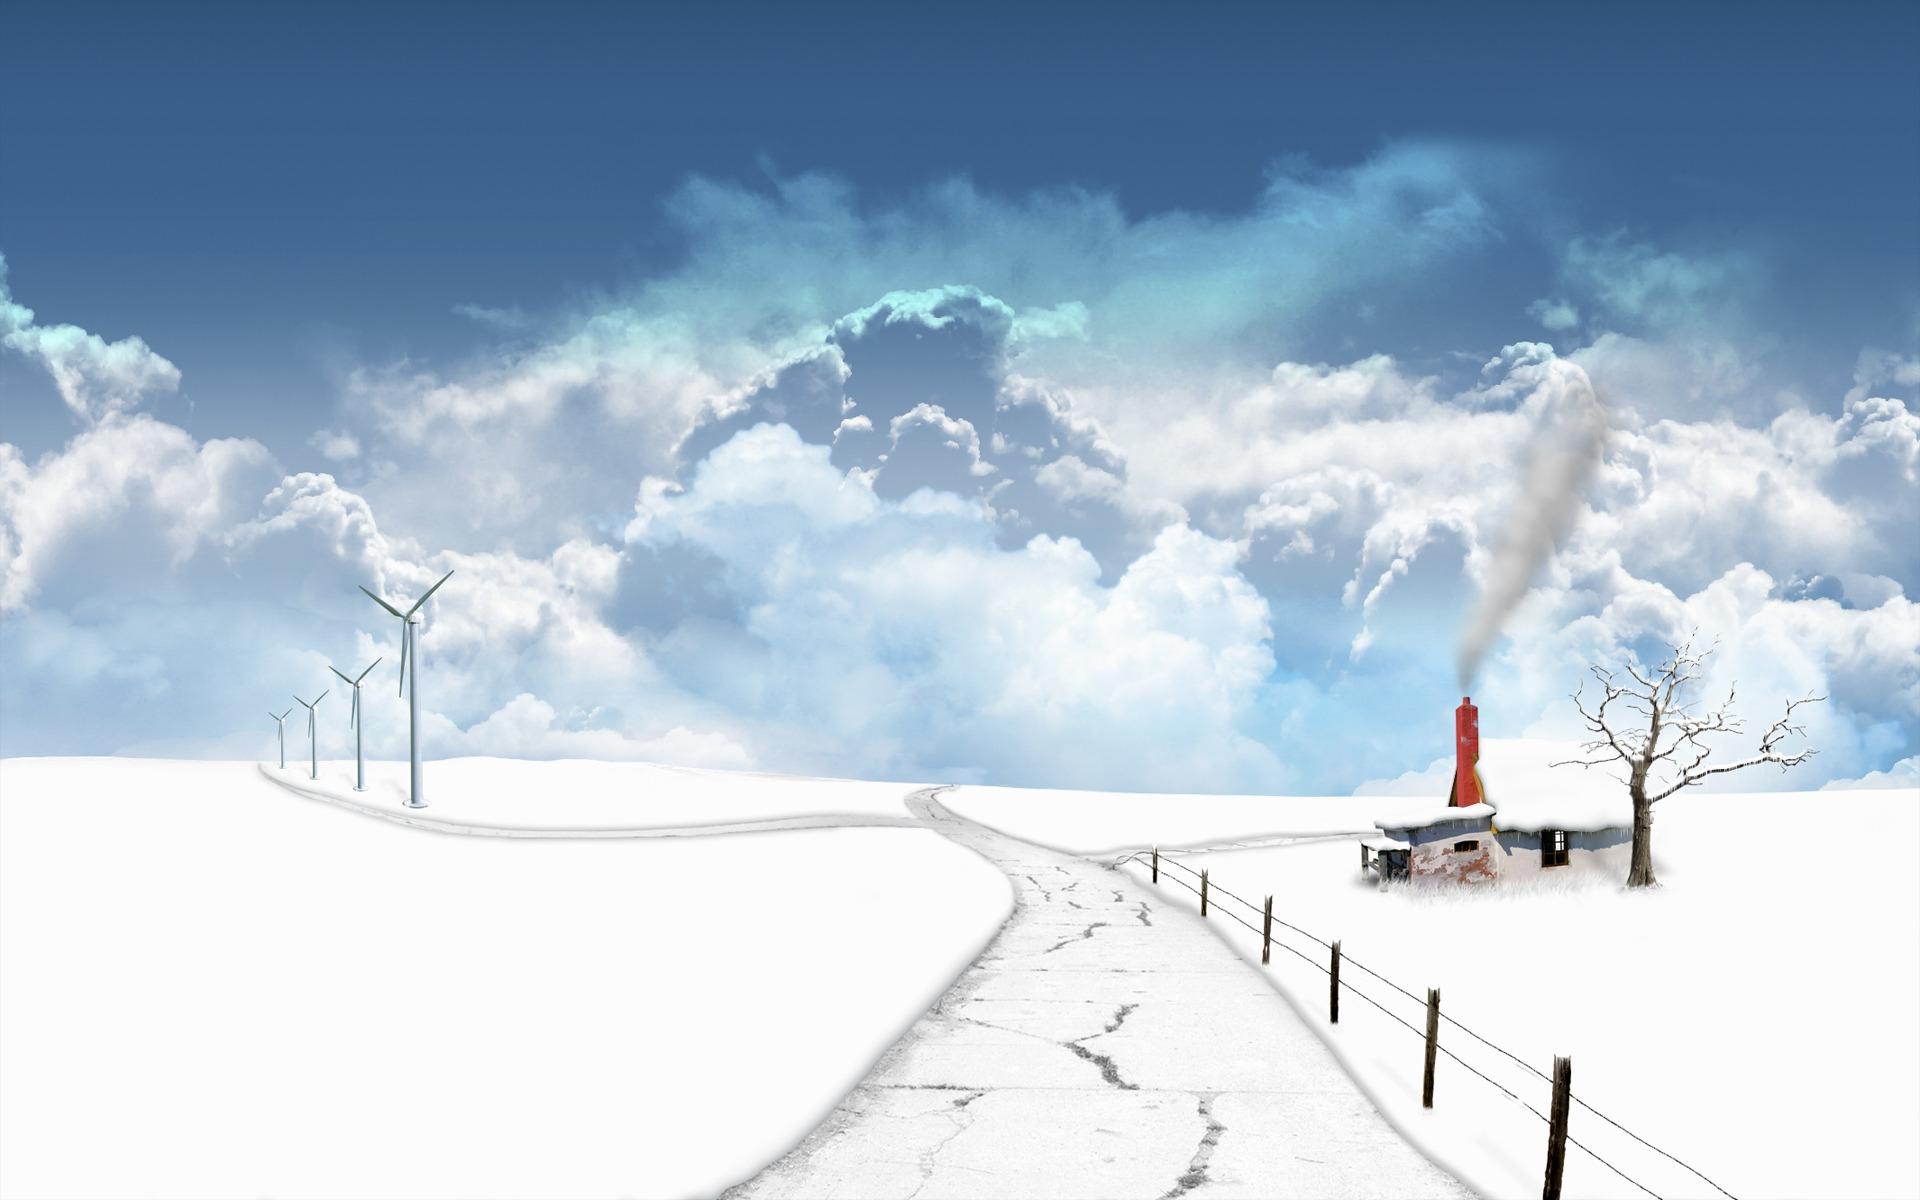 Зима, зимние обои для рабочего стола, фото, снег